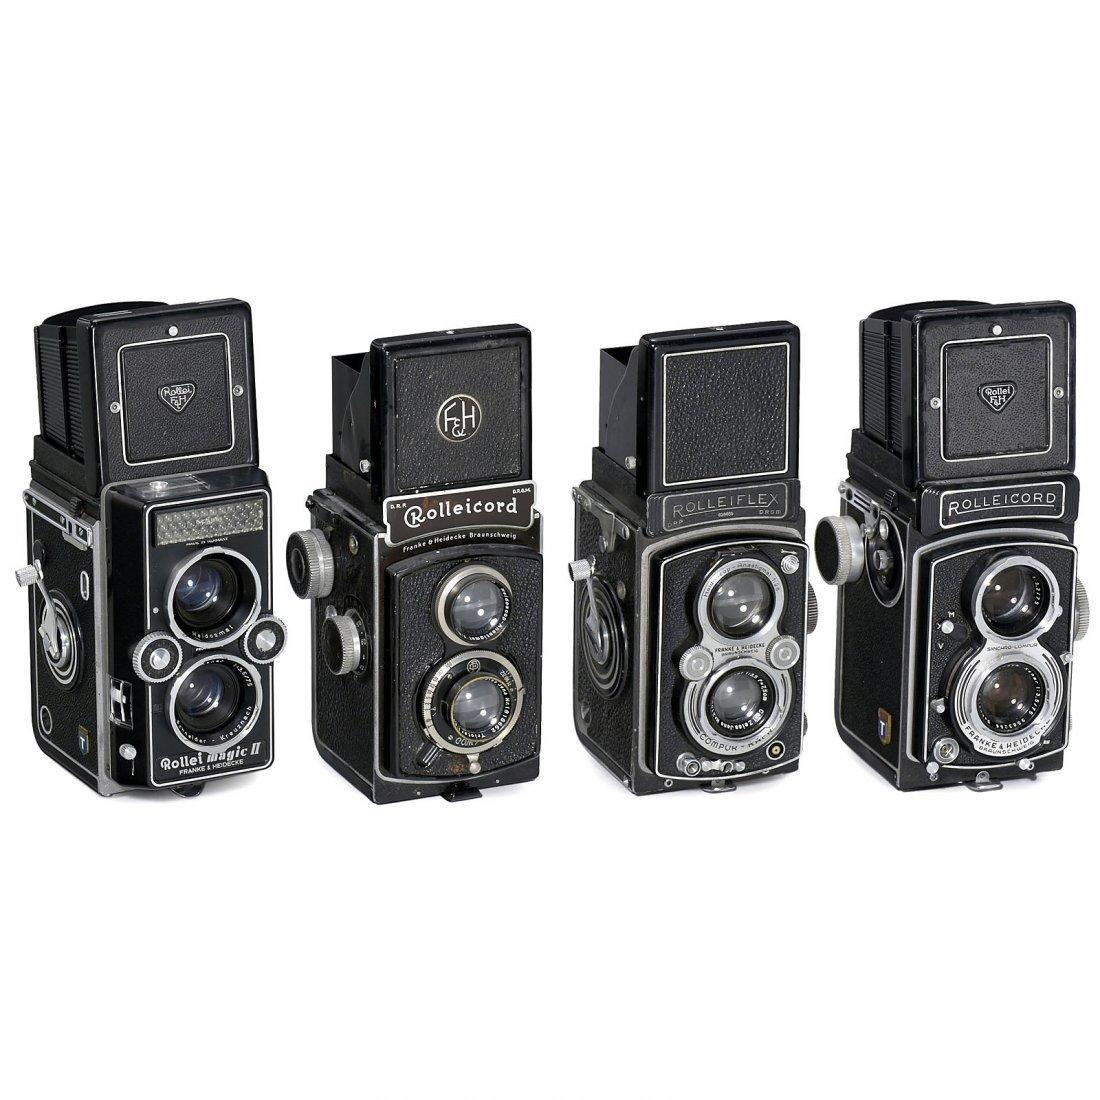 4 Rollei TLR Cameras